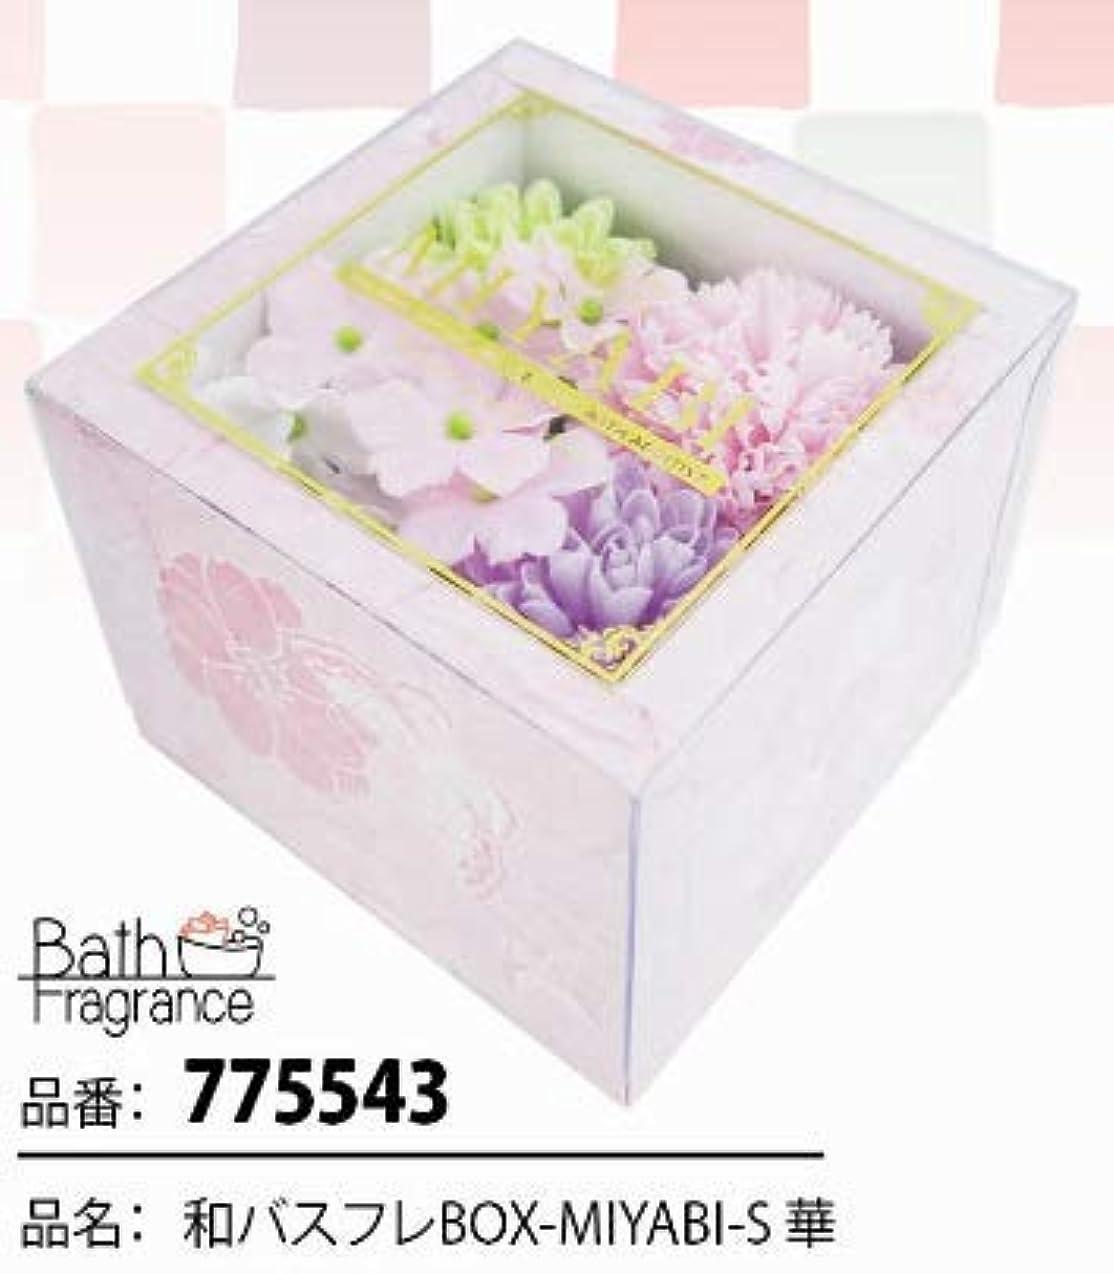 ベックスプーノ謎花のカタチの入浴剤 和バスフレBOX-MIYABI-S華 775543